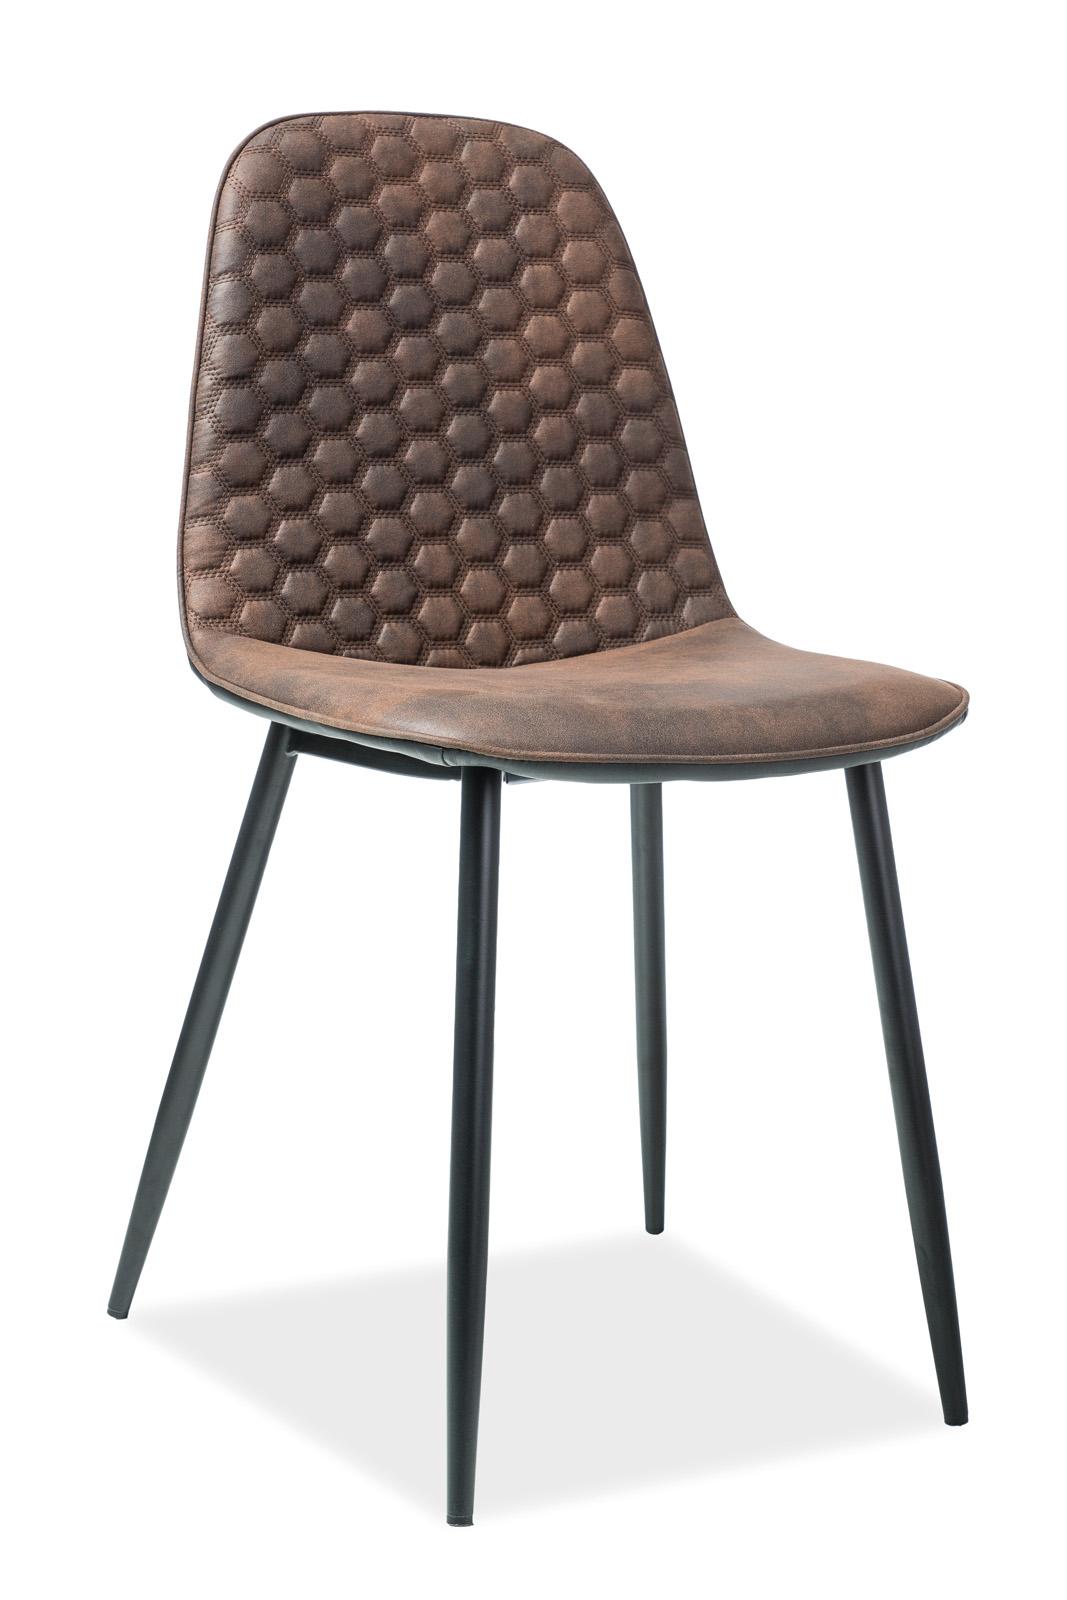 Scaun tapitat cu piele ecologica, cu picioare metalice Teo D Brown / Black, l46xA38xH88 cm imagine